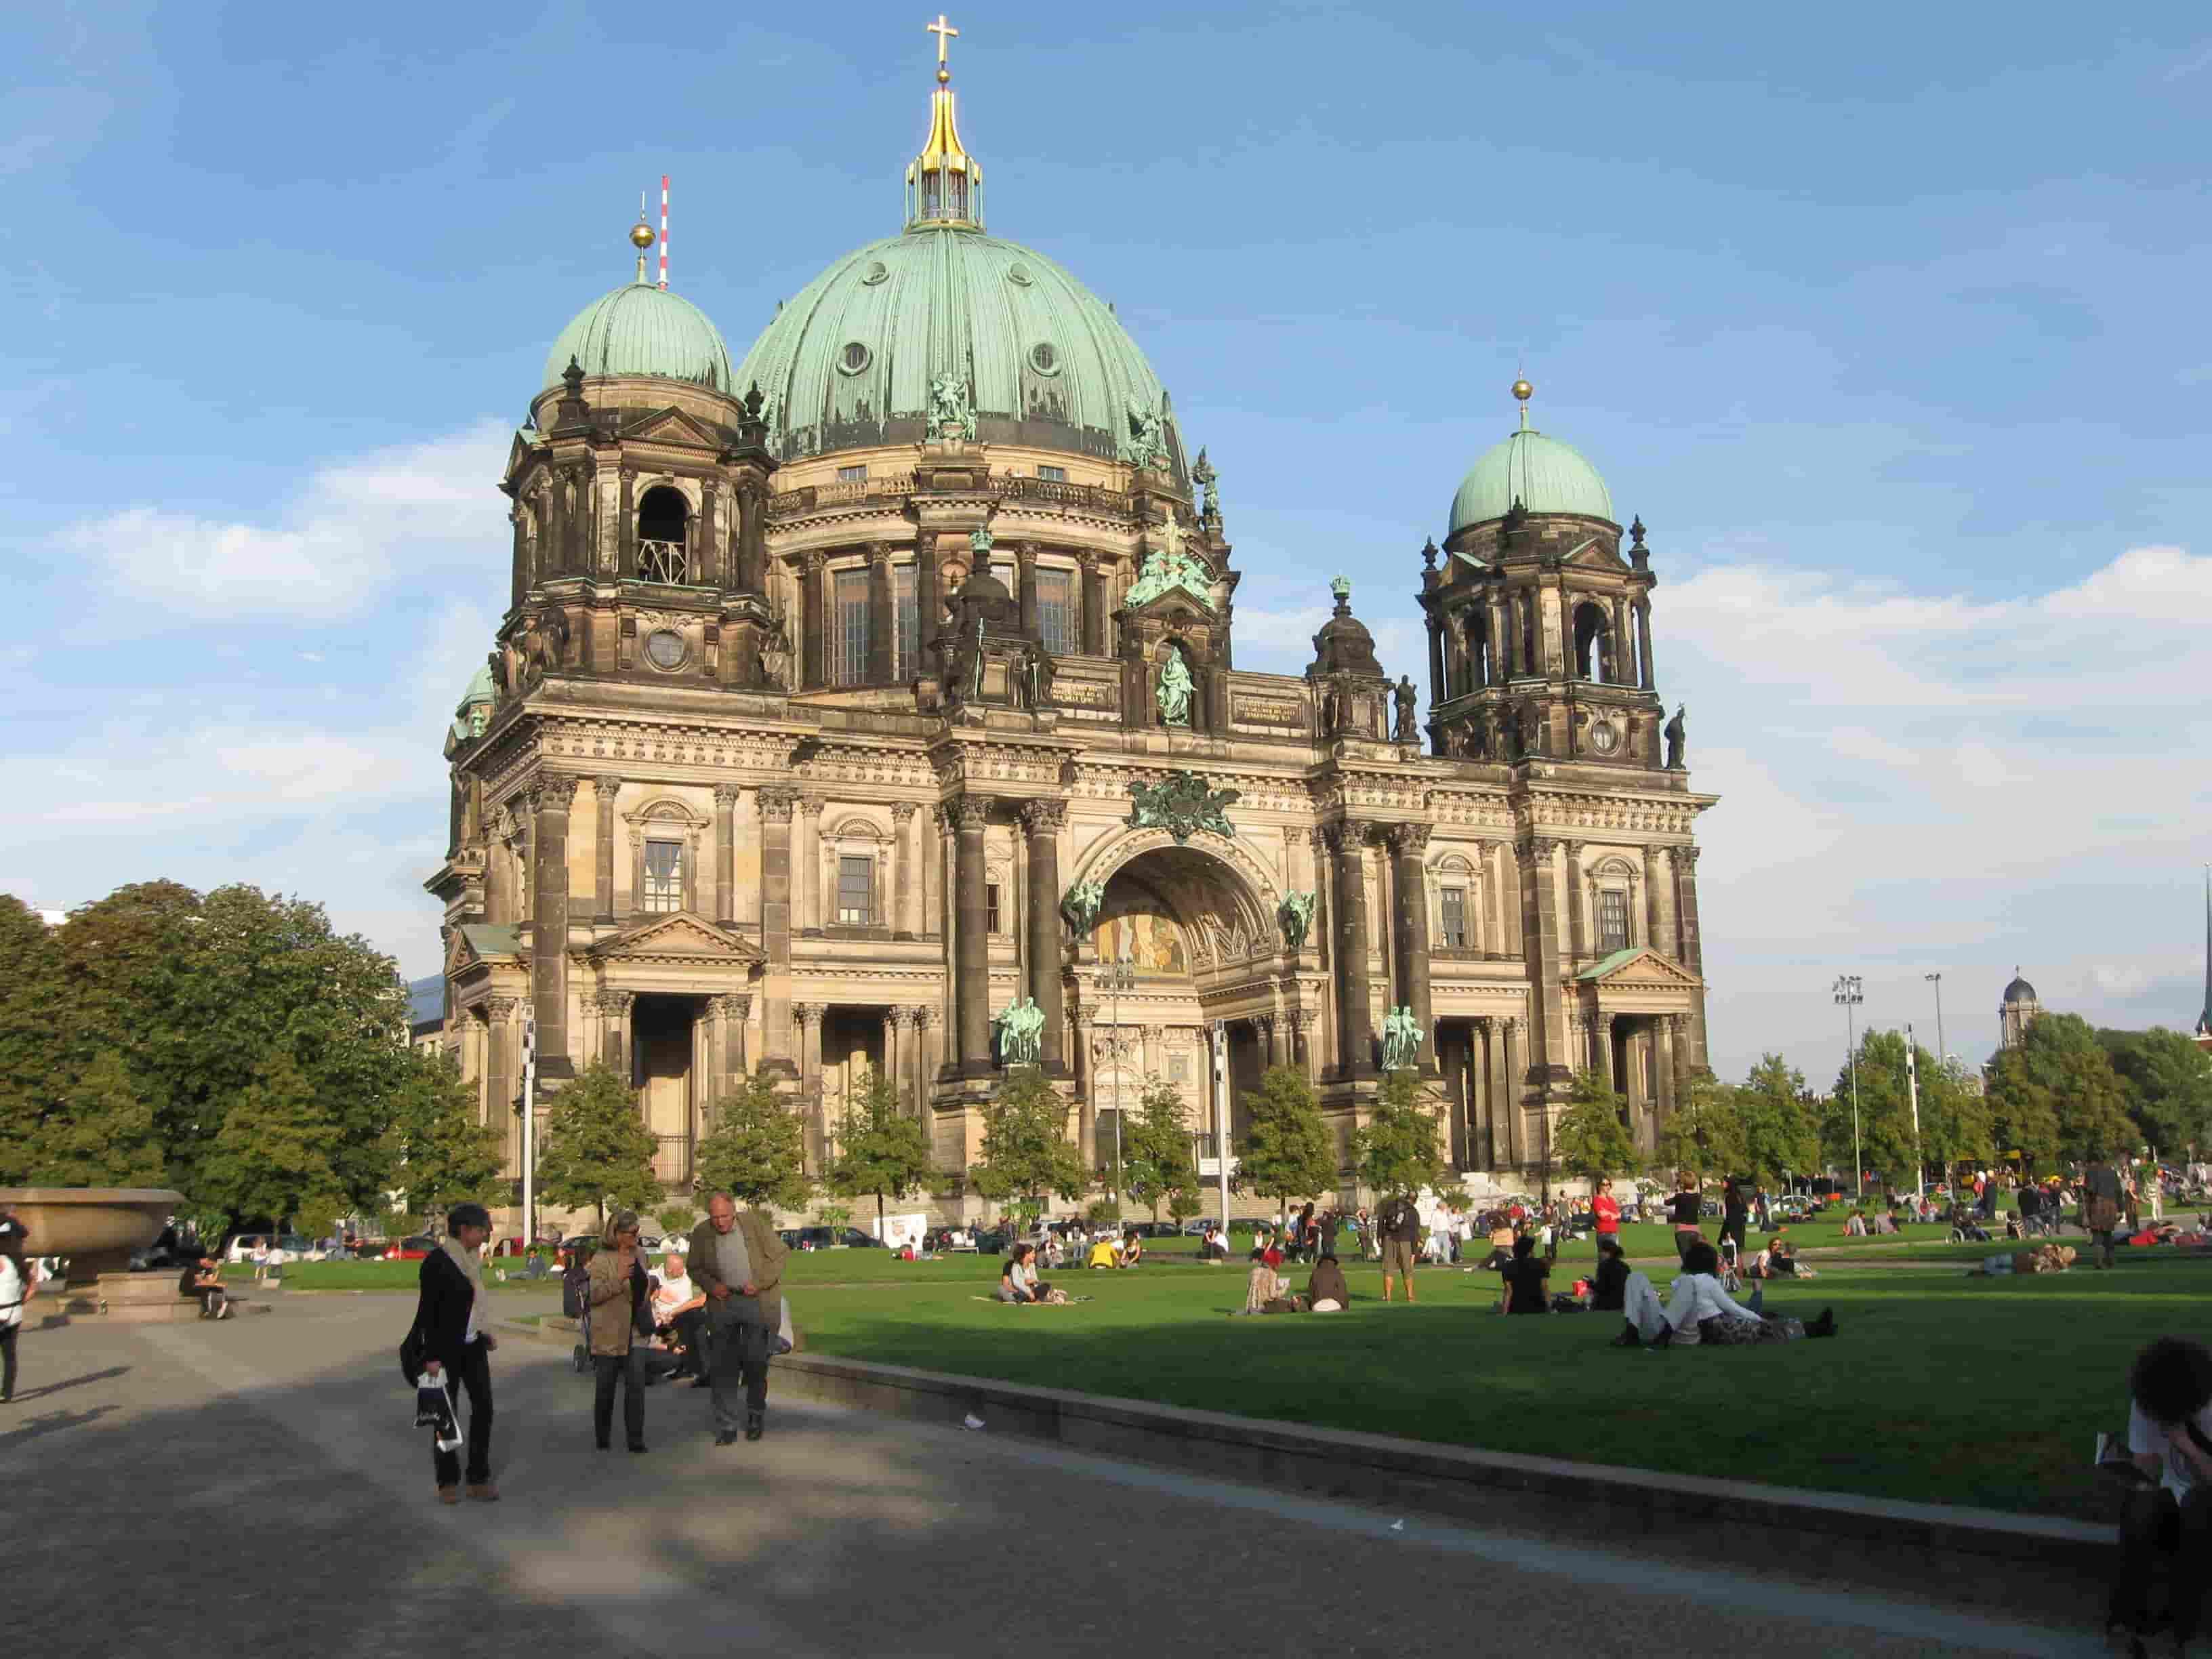 تابوت های داخل کلیسای جامع برلین